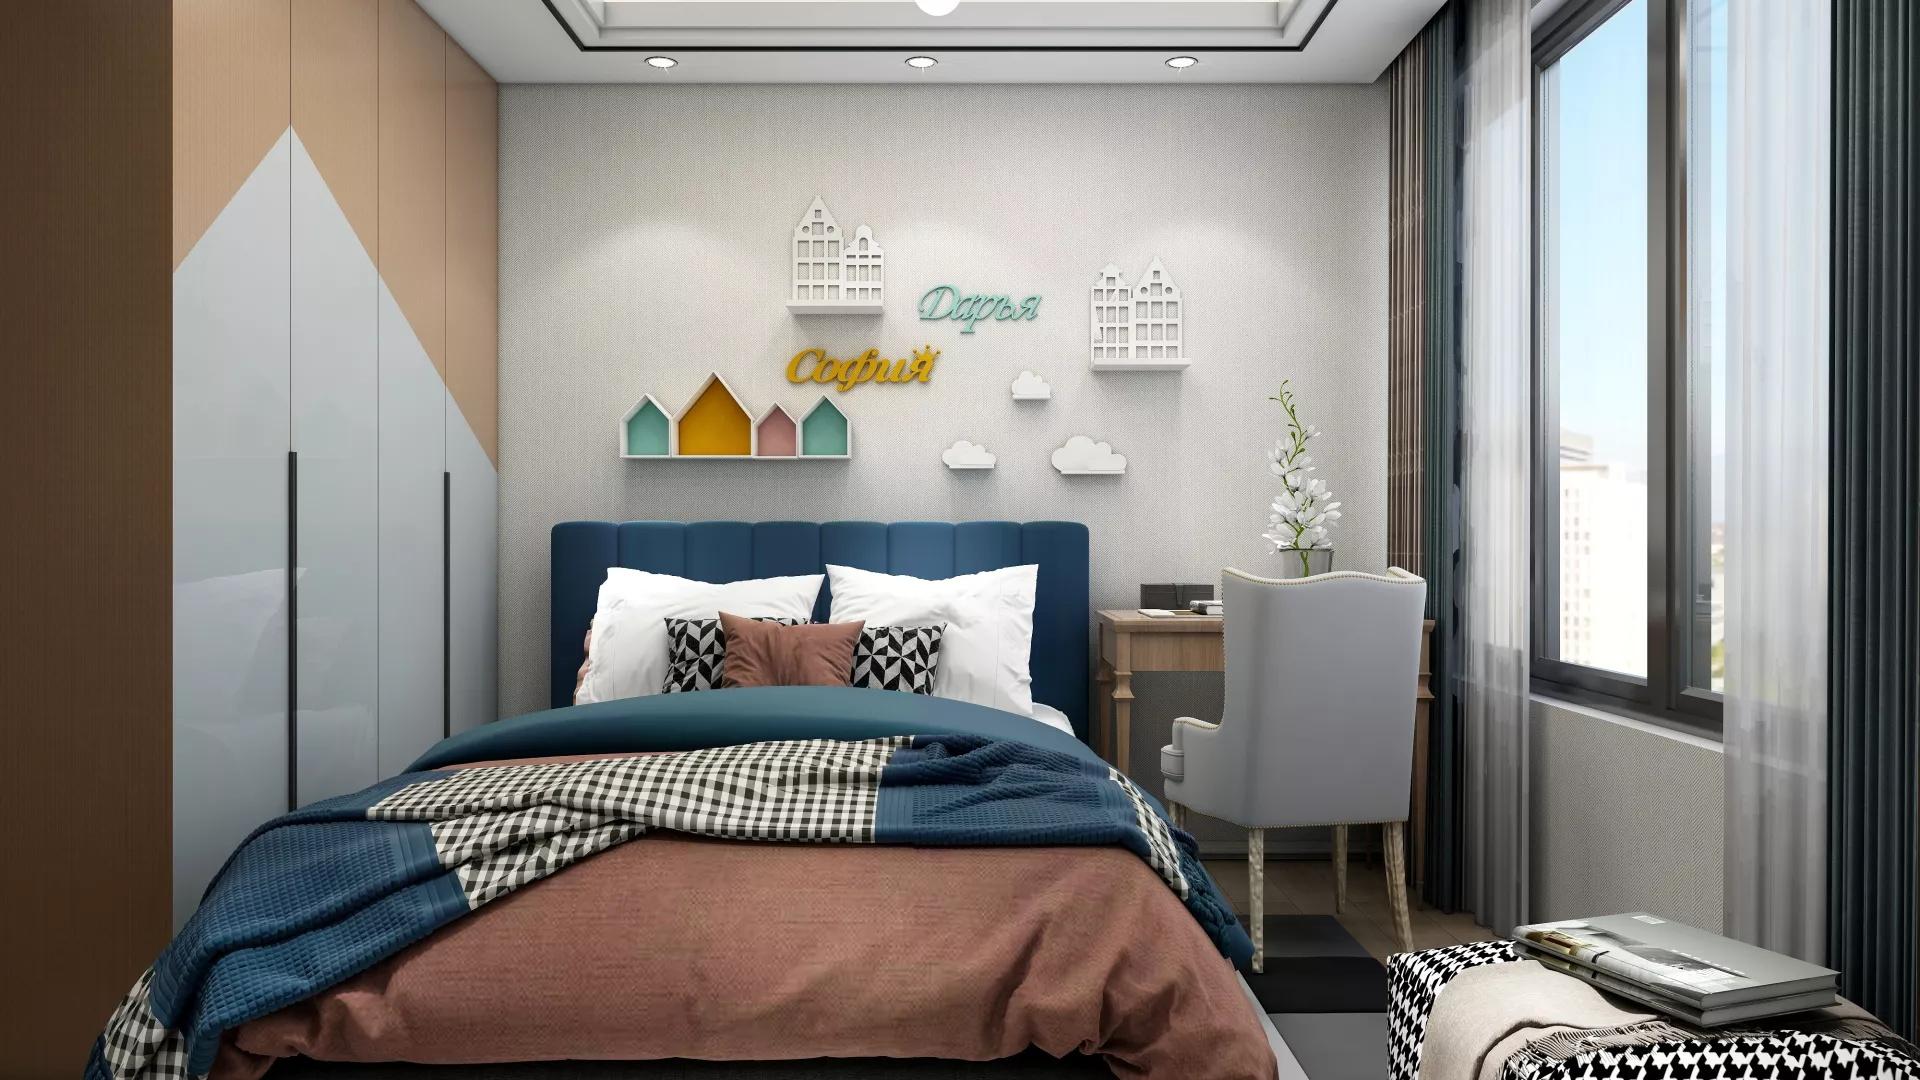 小户型简约北欧风格家居装修效果图